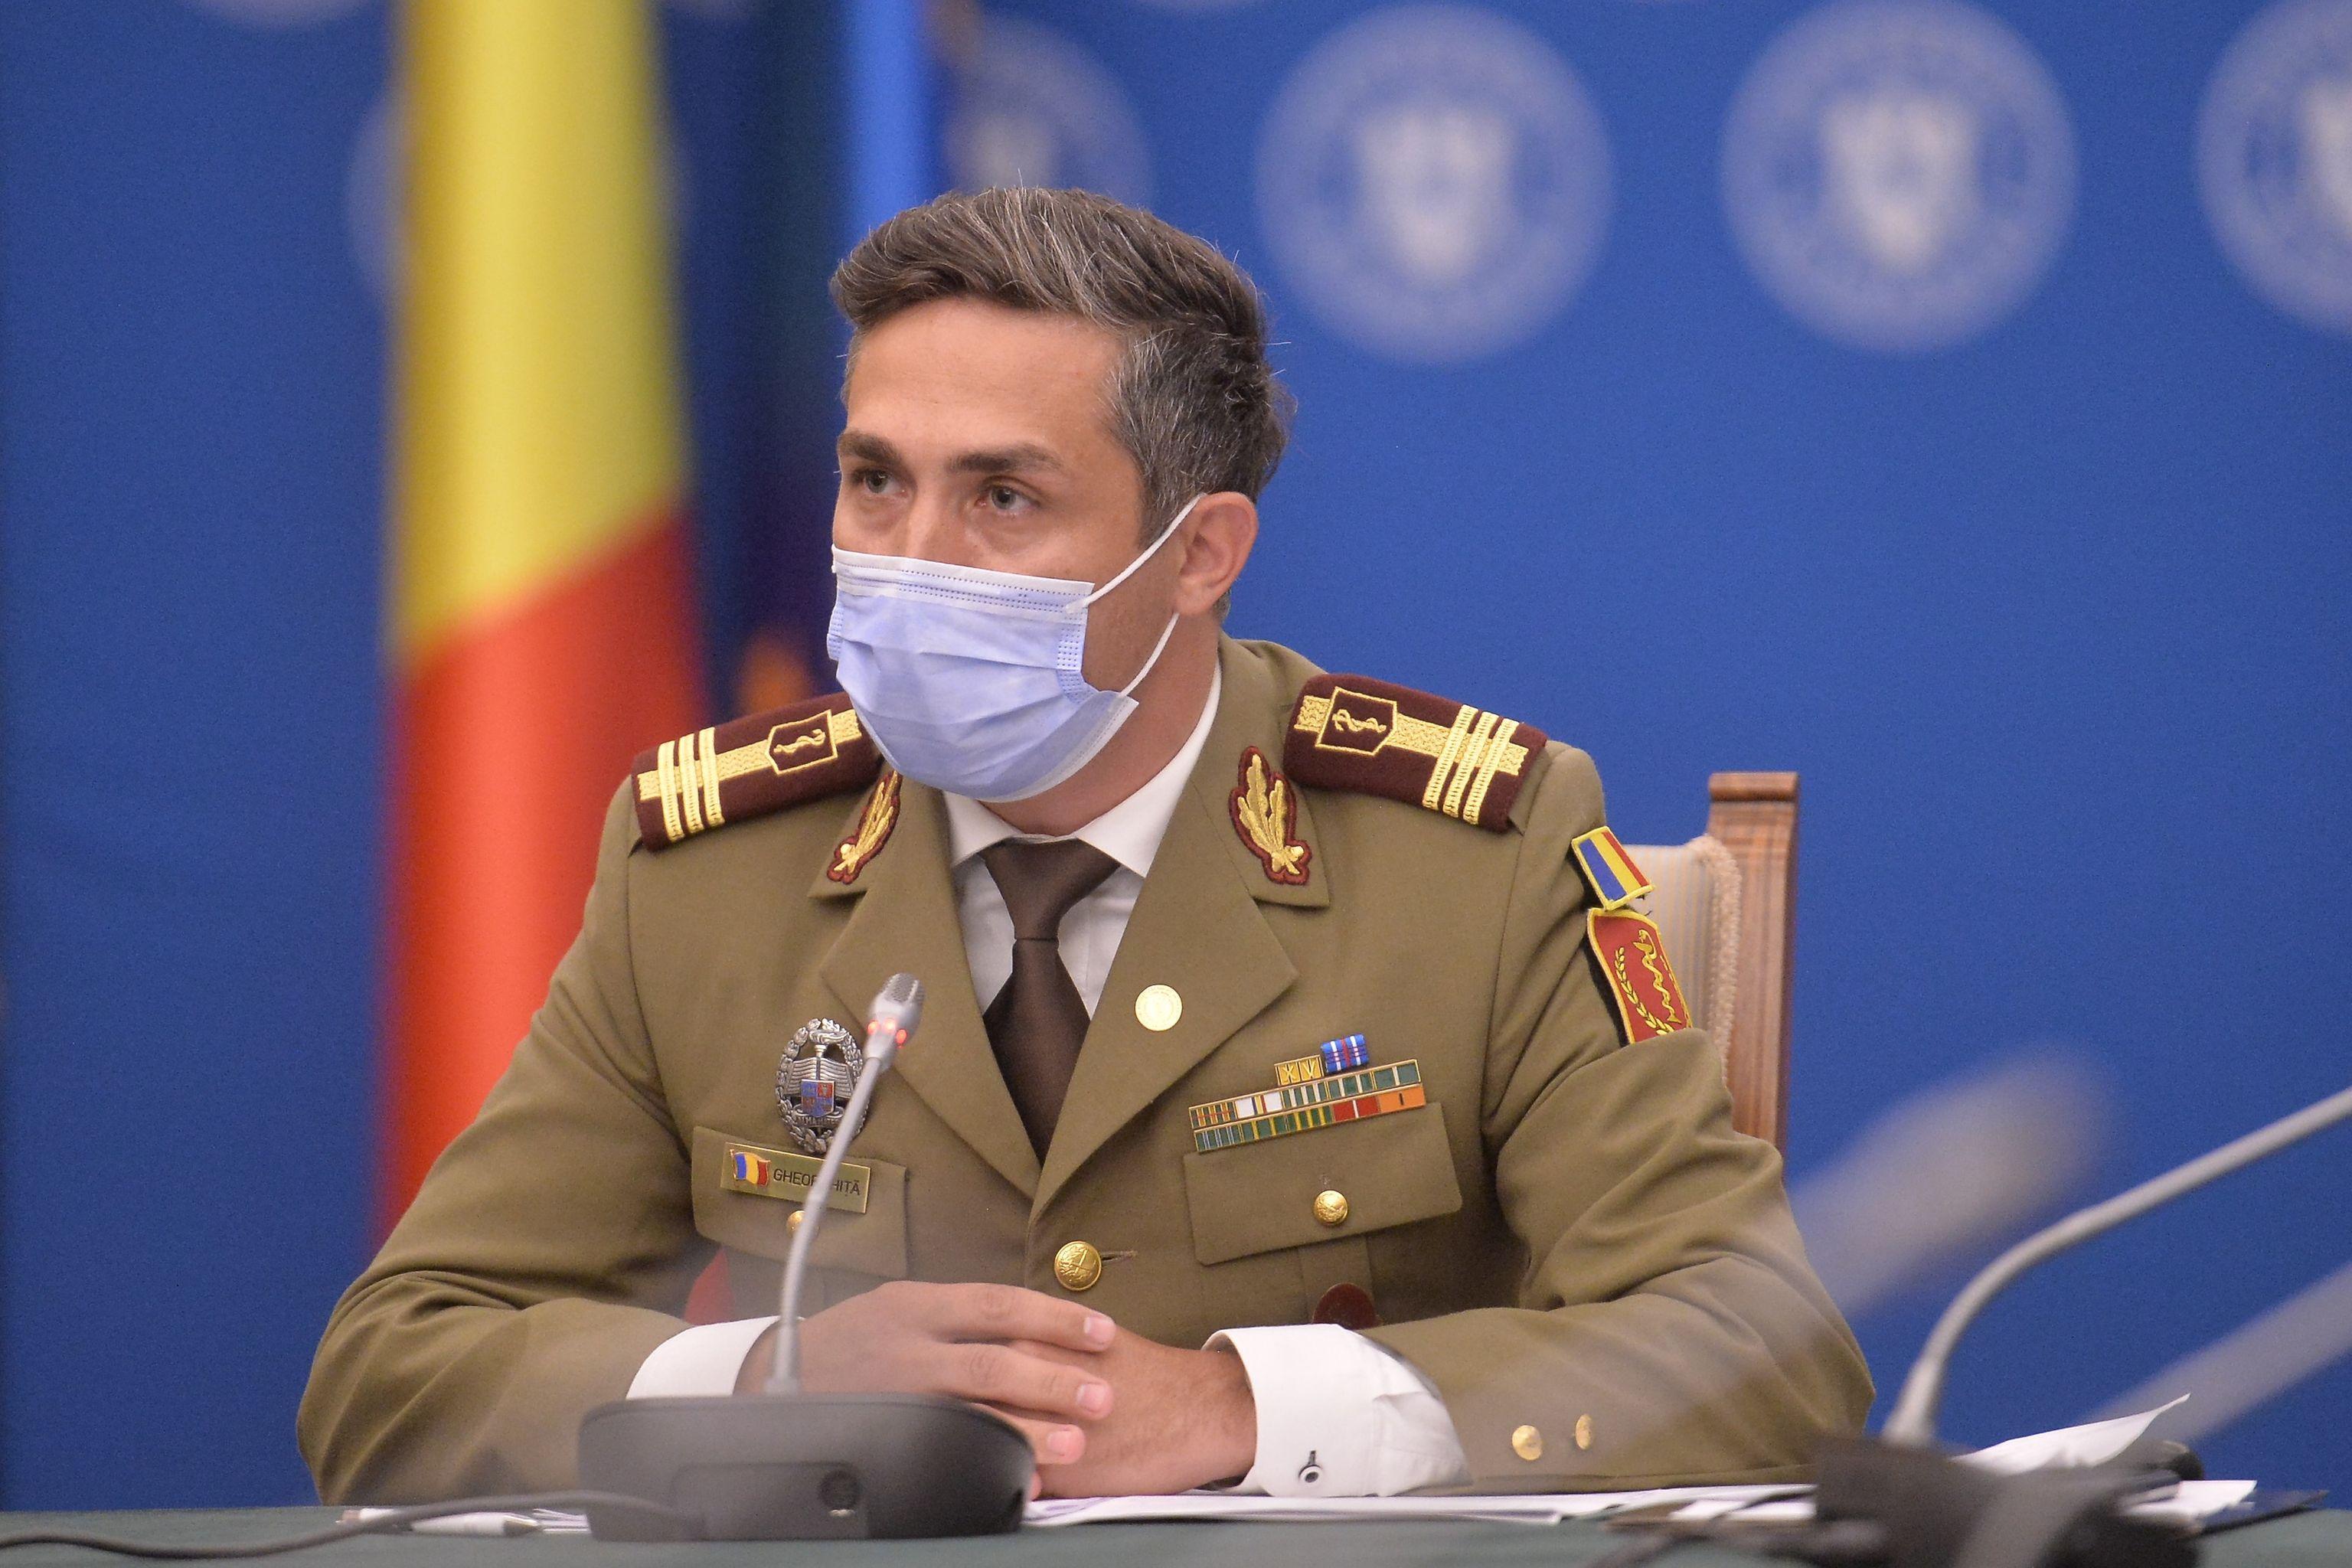 """Valeriu Gheorghiță: """"Suntem în valul patru al pandemiei"""". Ce spune medicul despre varianta Delta a coronavirusului"""